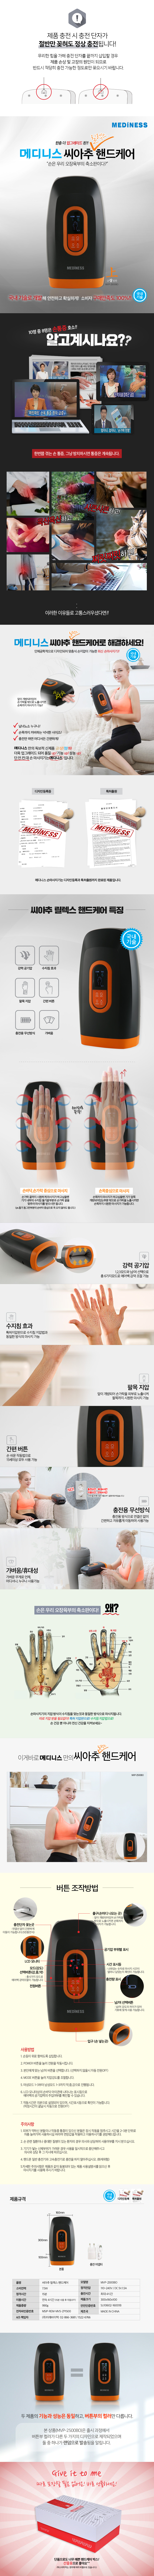 씨아추 릴렉스 핸드케어 MVP-2500BO 수지침효과 - 메드니스, 169,000원, 안마/교정, 부위안마기